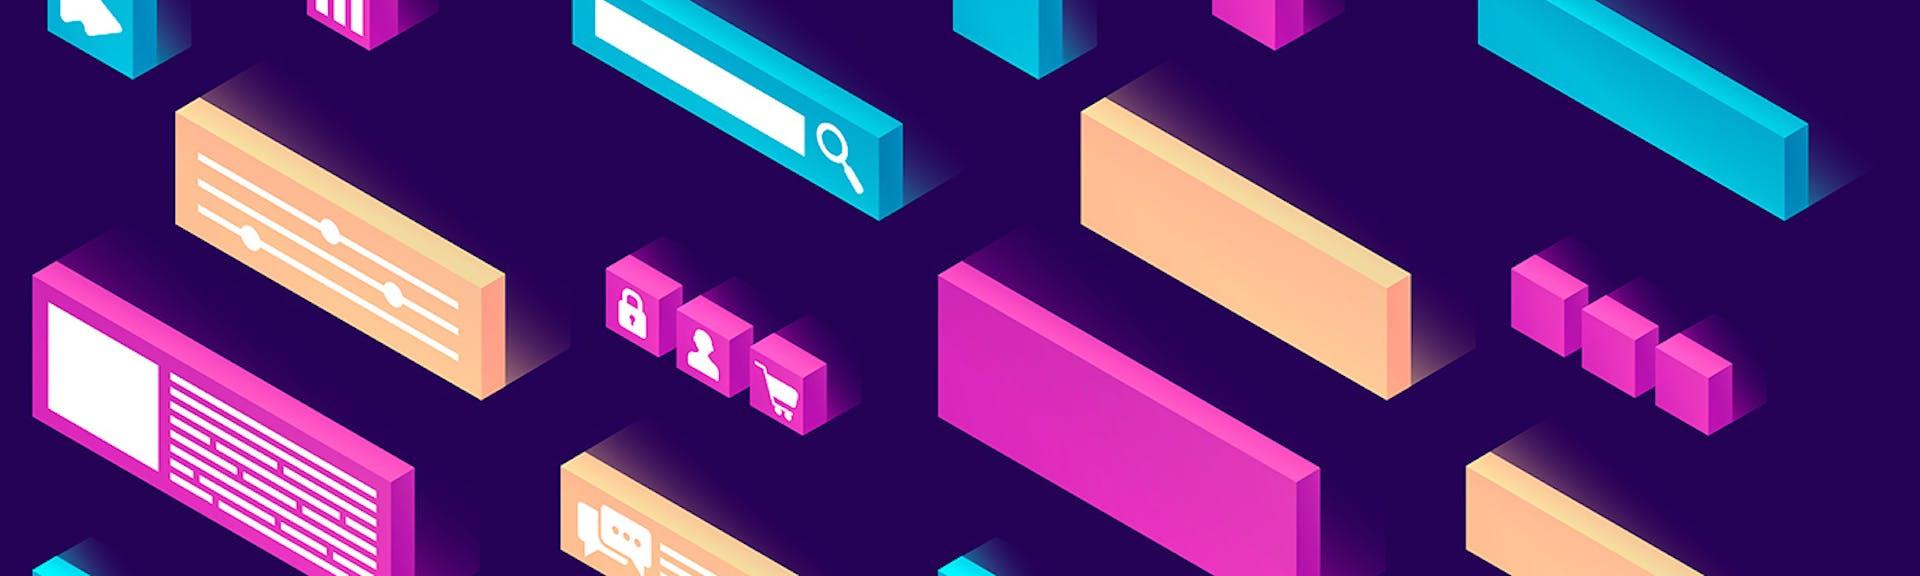 ¿Cómo usar el diseño de interfaces web para atraer miles de nuevos clientes?